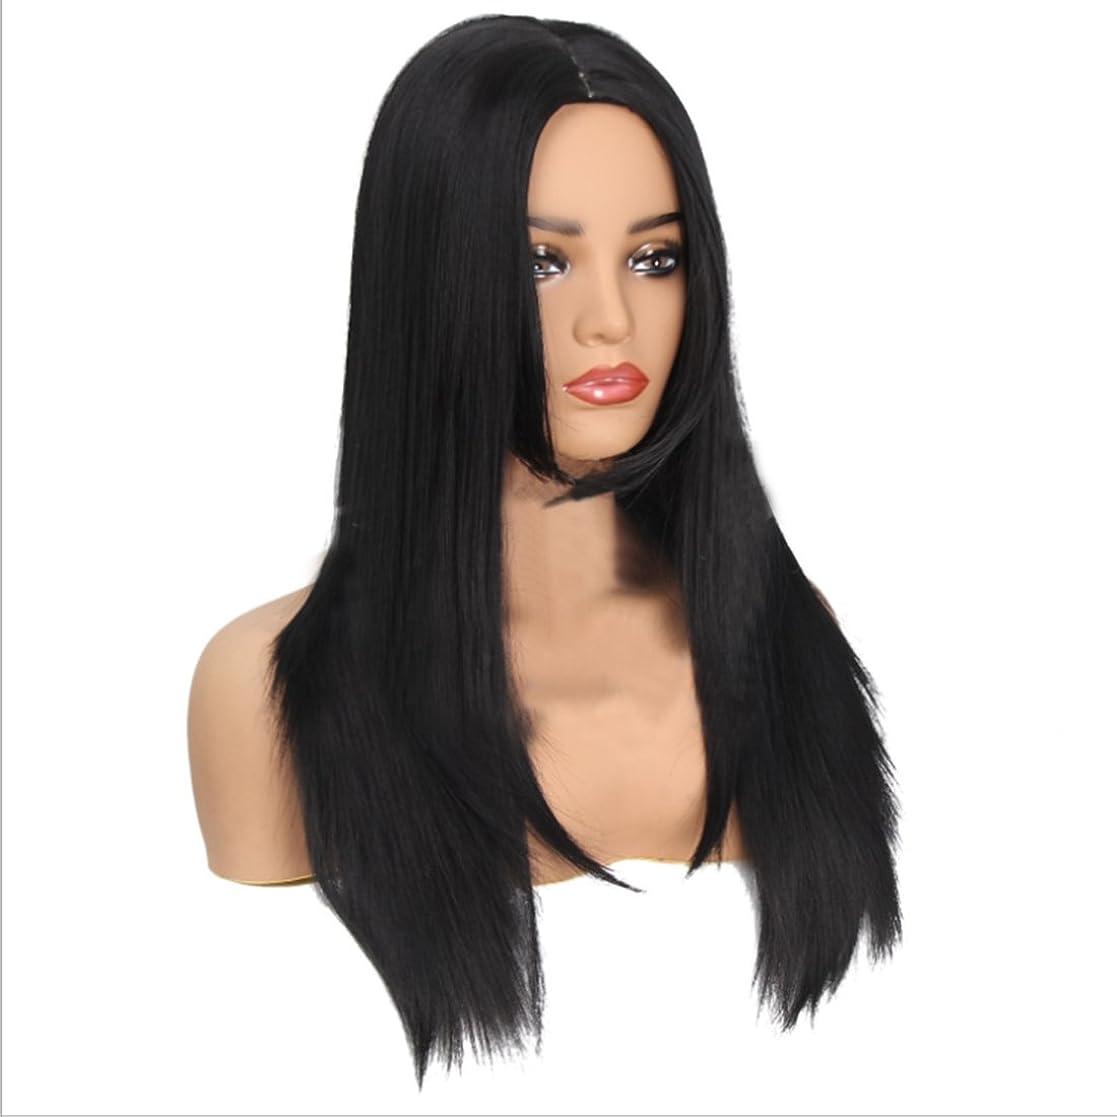 閲覧する信号サバントJIANFU 女性 化学繊維 かつら 長い 耐熱 ウィッグ 人格の女性 フルヘア 自然な色 かつら (Color : ブラック)